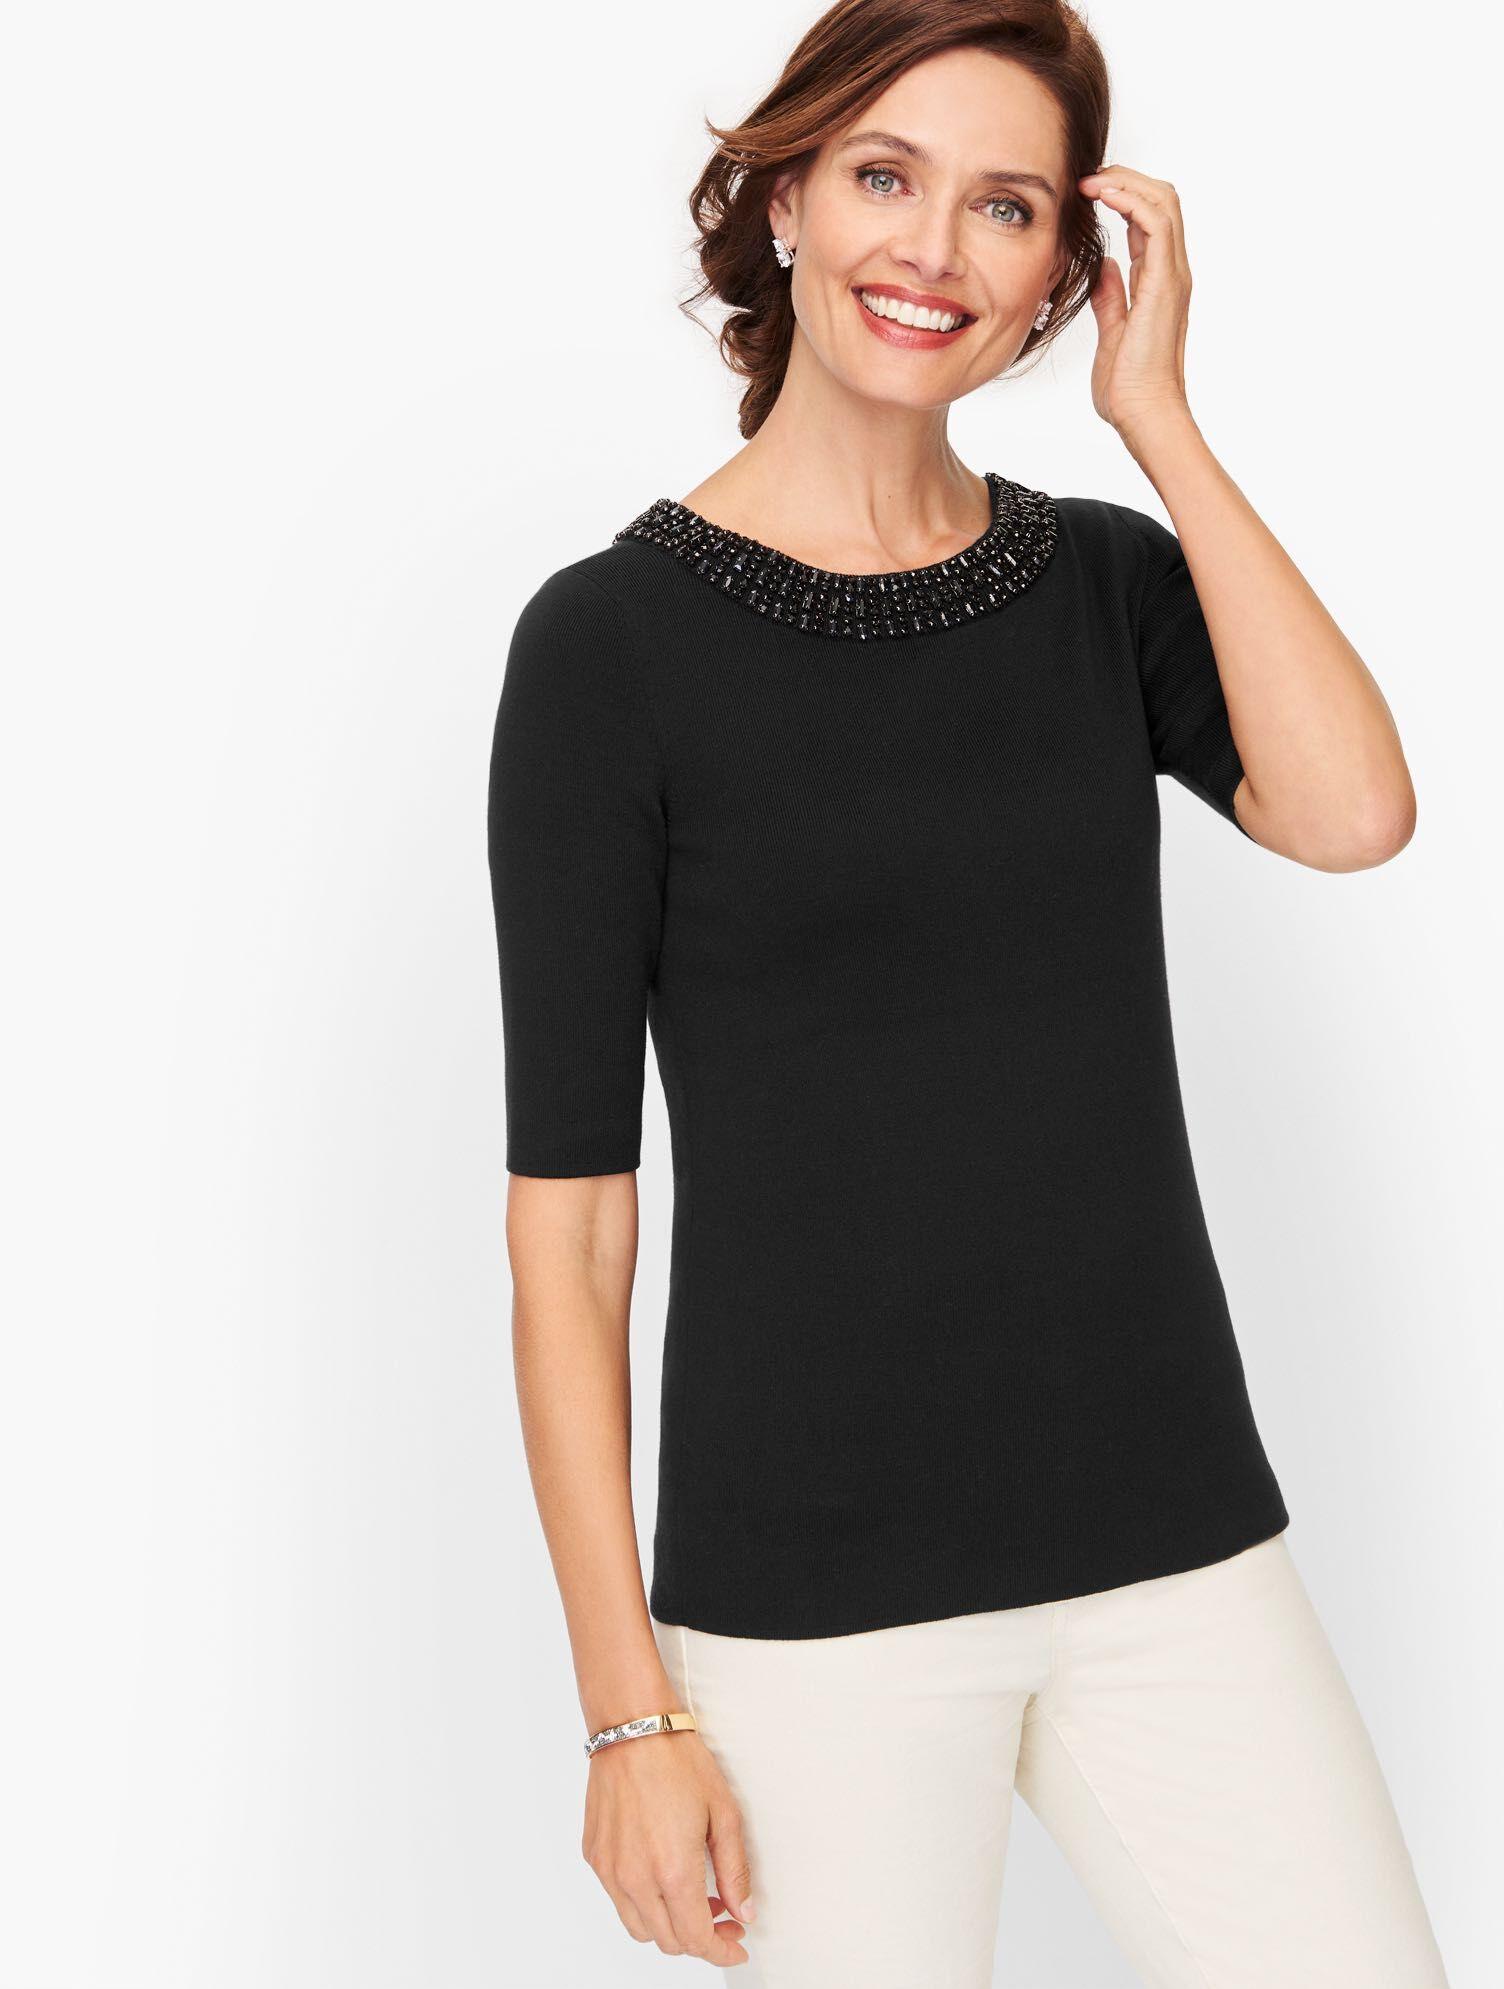 Talbots Embellished Cotton Blend Sweater - Black - Large Talbots  - Black - Size: female - Size: Large